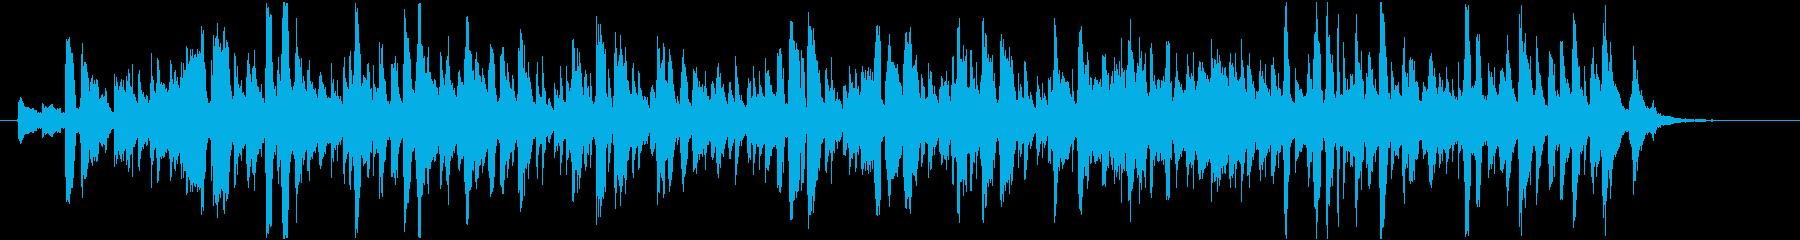 マンゴーをテーマにした楽曲の再生済みの波形